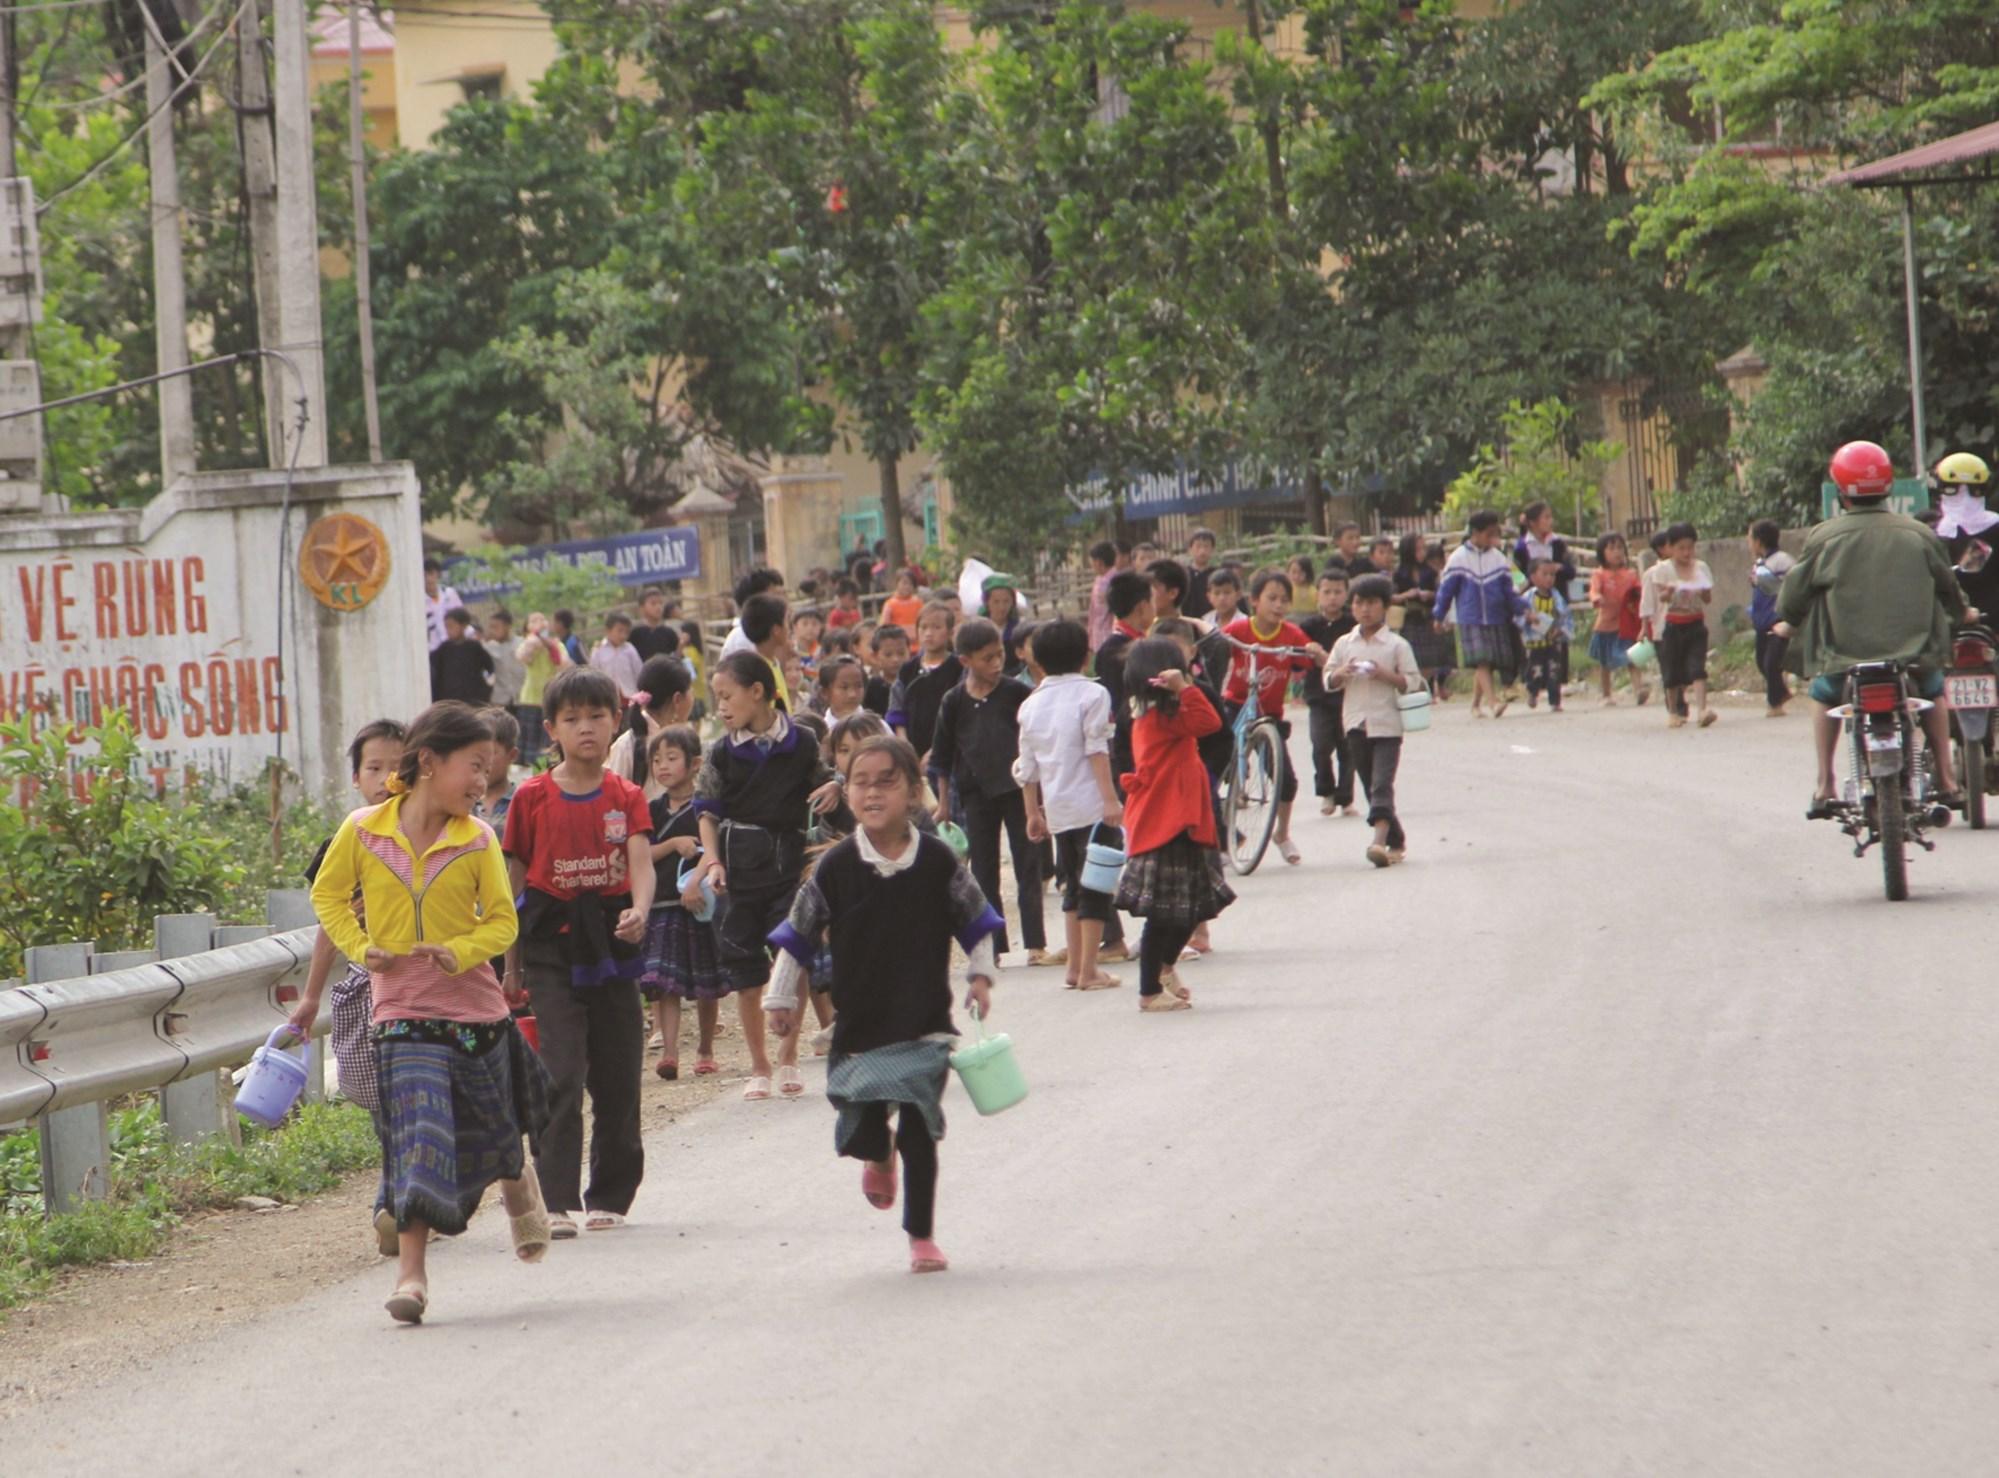 Trẻ em vùng DTTS còn gặp nhiều khó khăn, rất cần sự chung tay giúp đỡ của toàn xã hội.